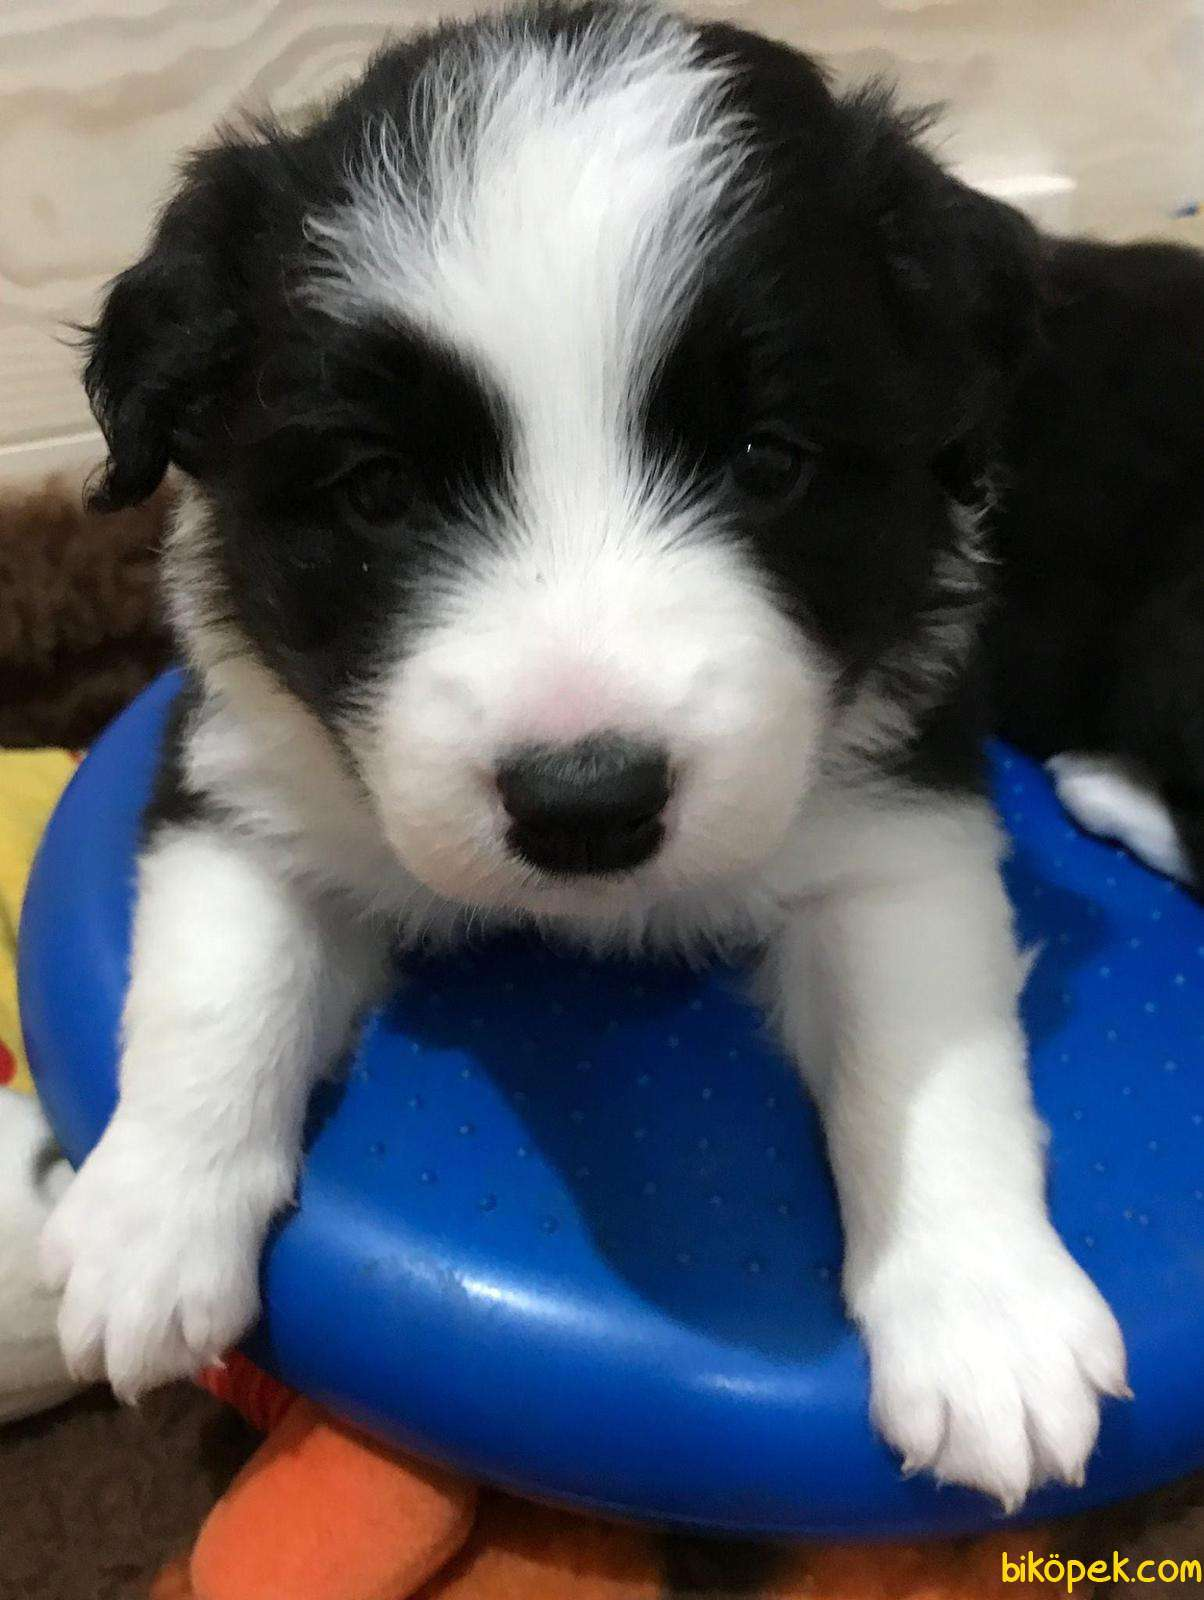 Welsh Corgi Kraliyet Ailesi Köpeği ÖZel Irk 2